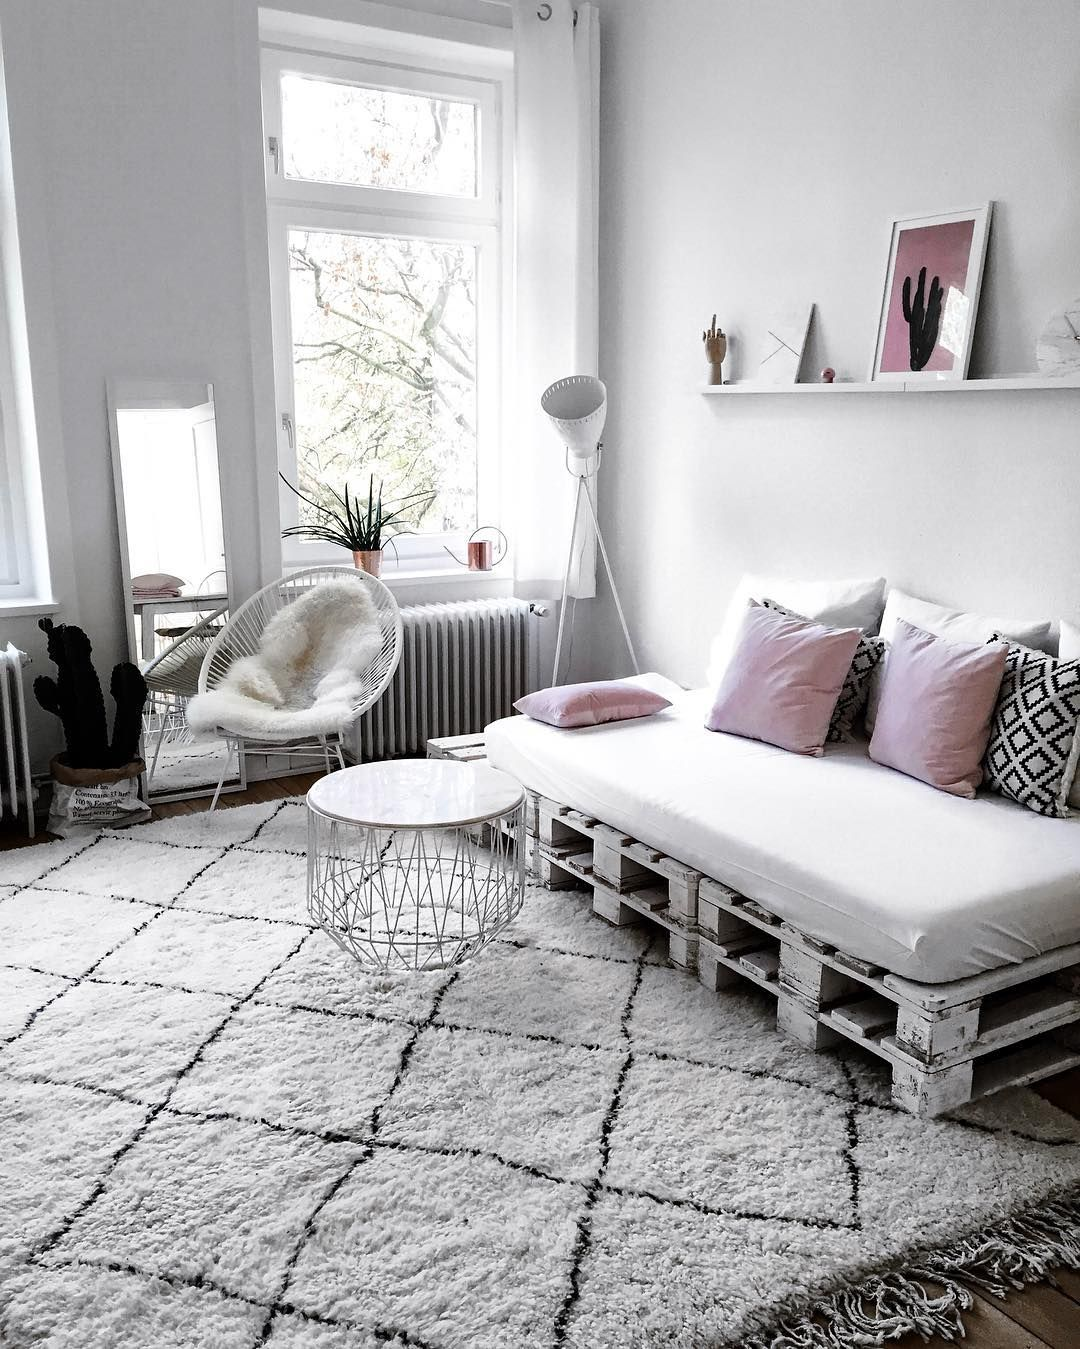 Ikea Bilderleiste Schlafzimmer Ikea Bettsofa Lugnvik In 59077 Hamm Fur 130 00 Zum Verkauf Shpock De